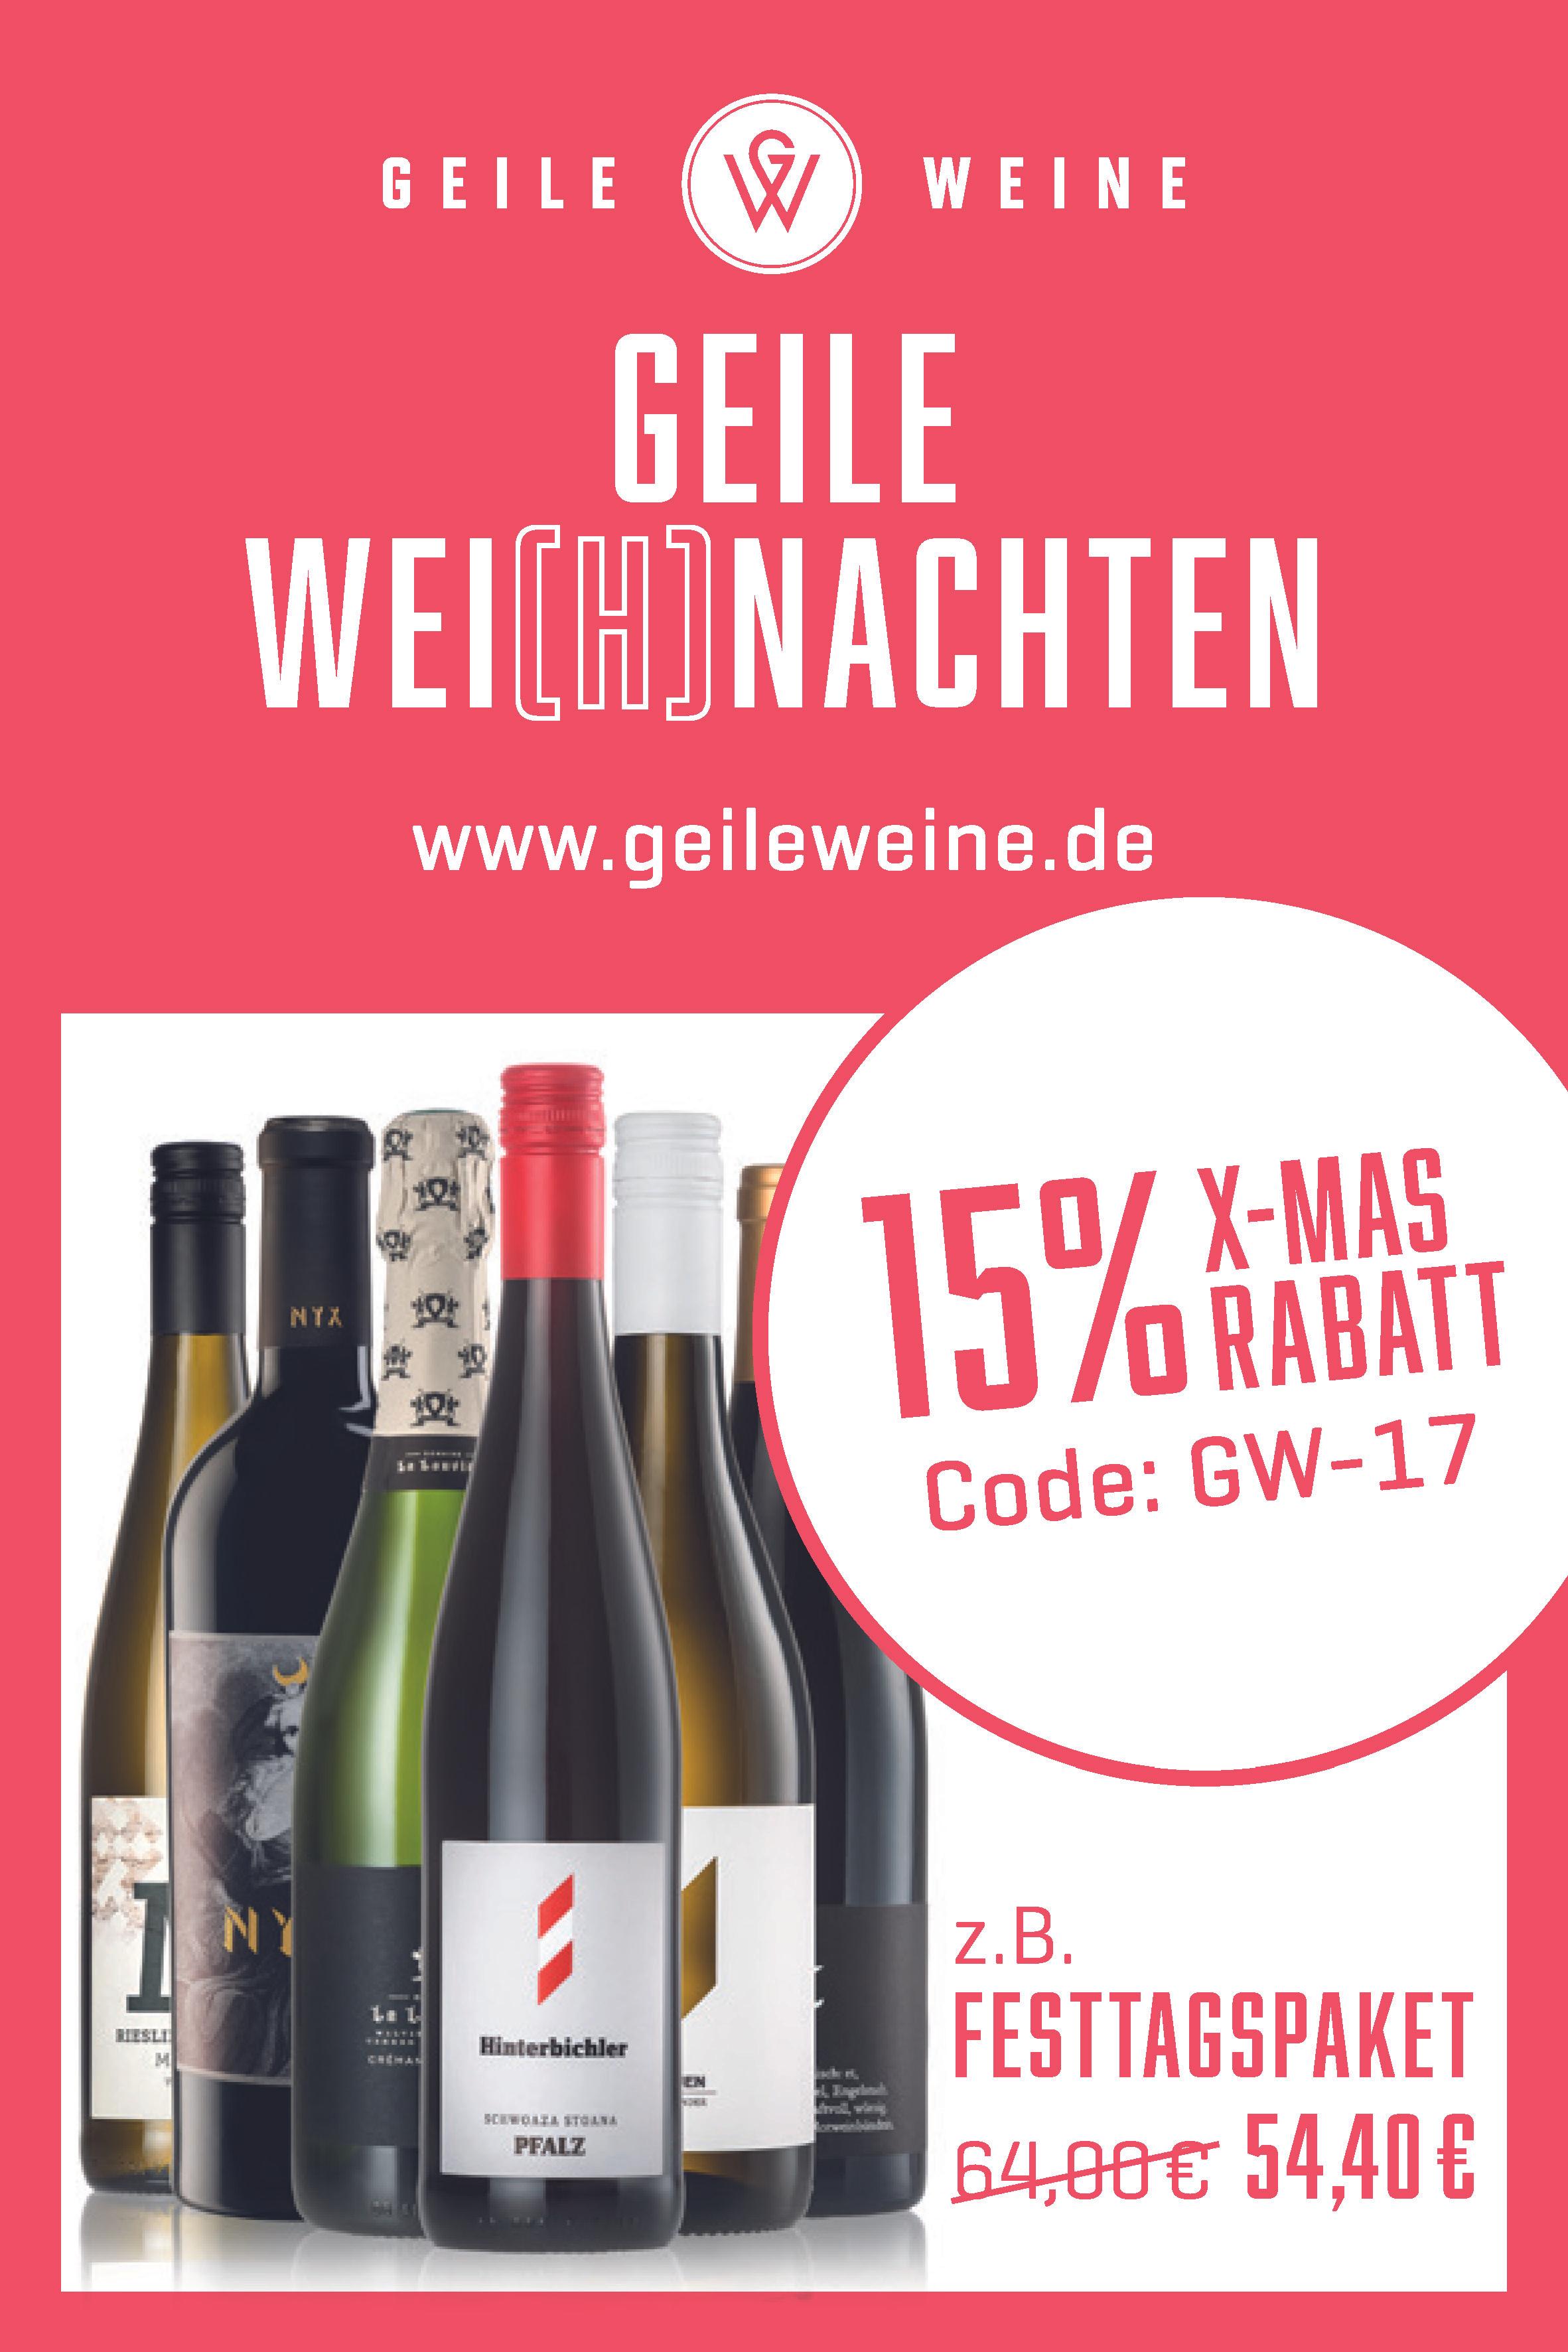 15% Rabatt auf alle Weine - perfekt für Weihnachten